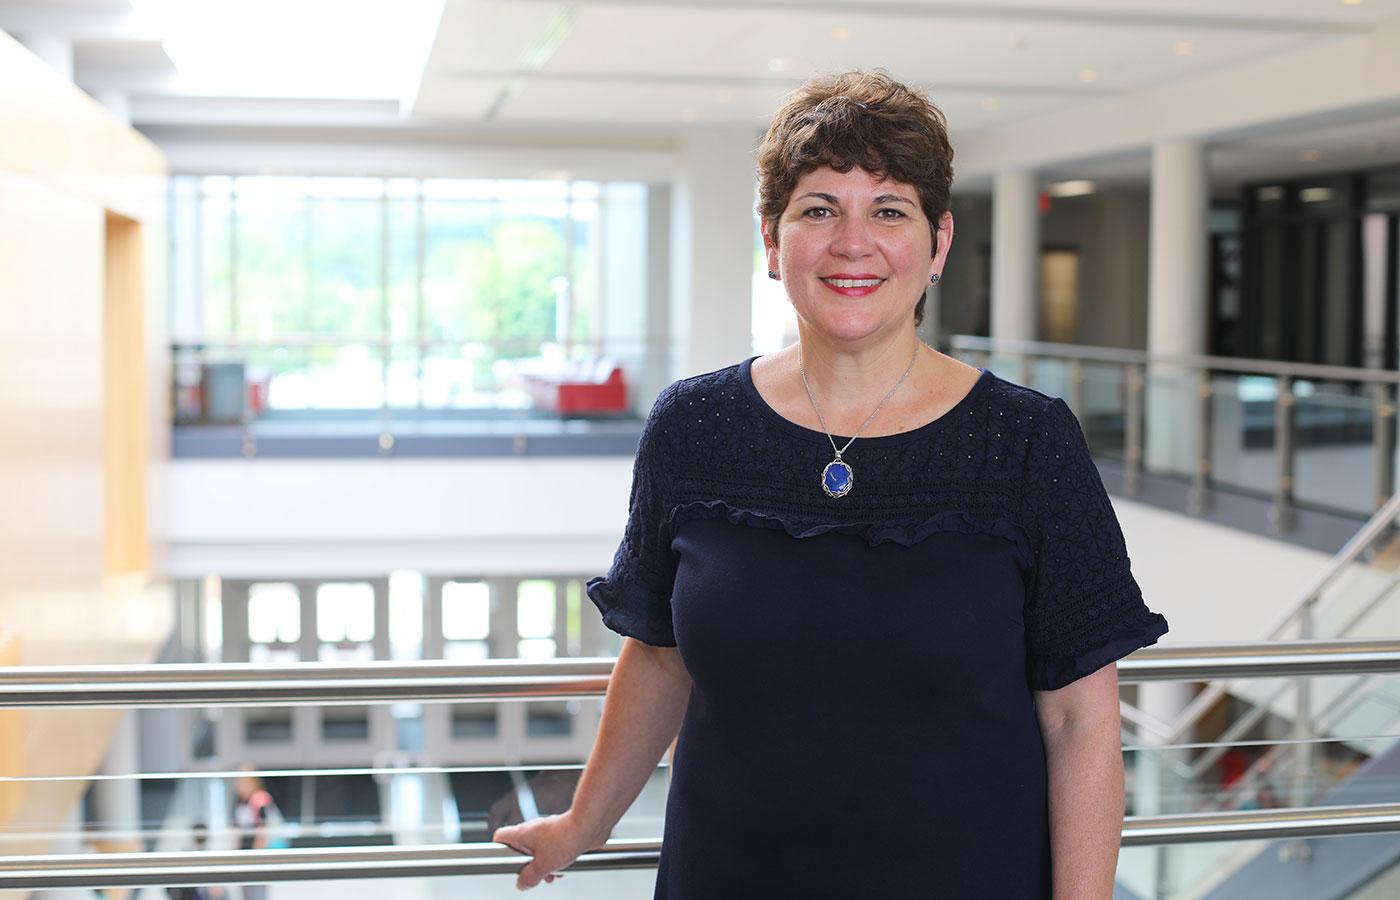 Meet Dr. Karen Kent, the new director of DeSales MBA program